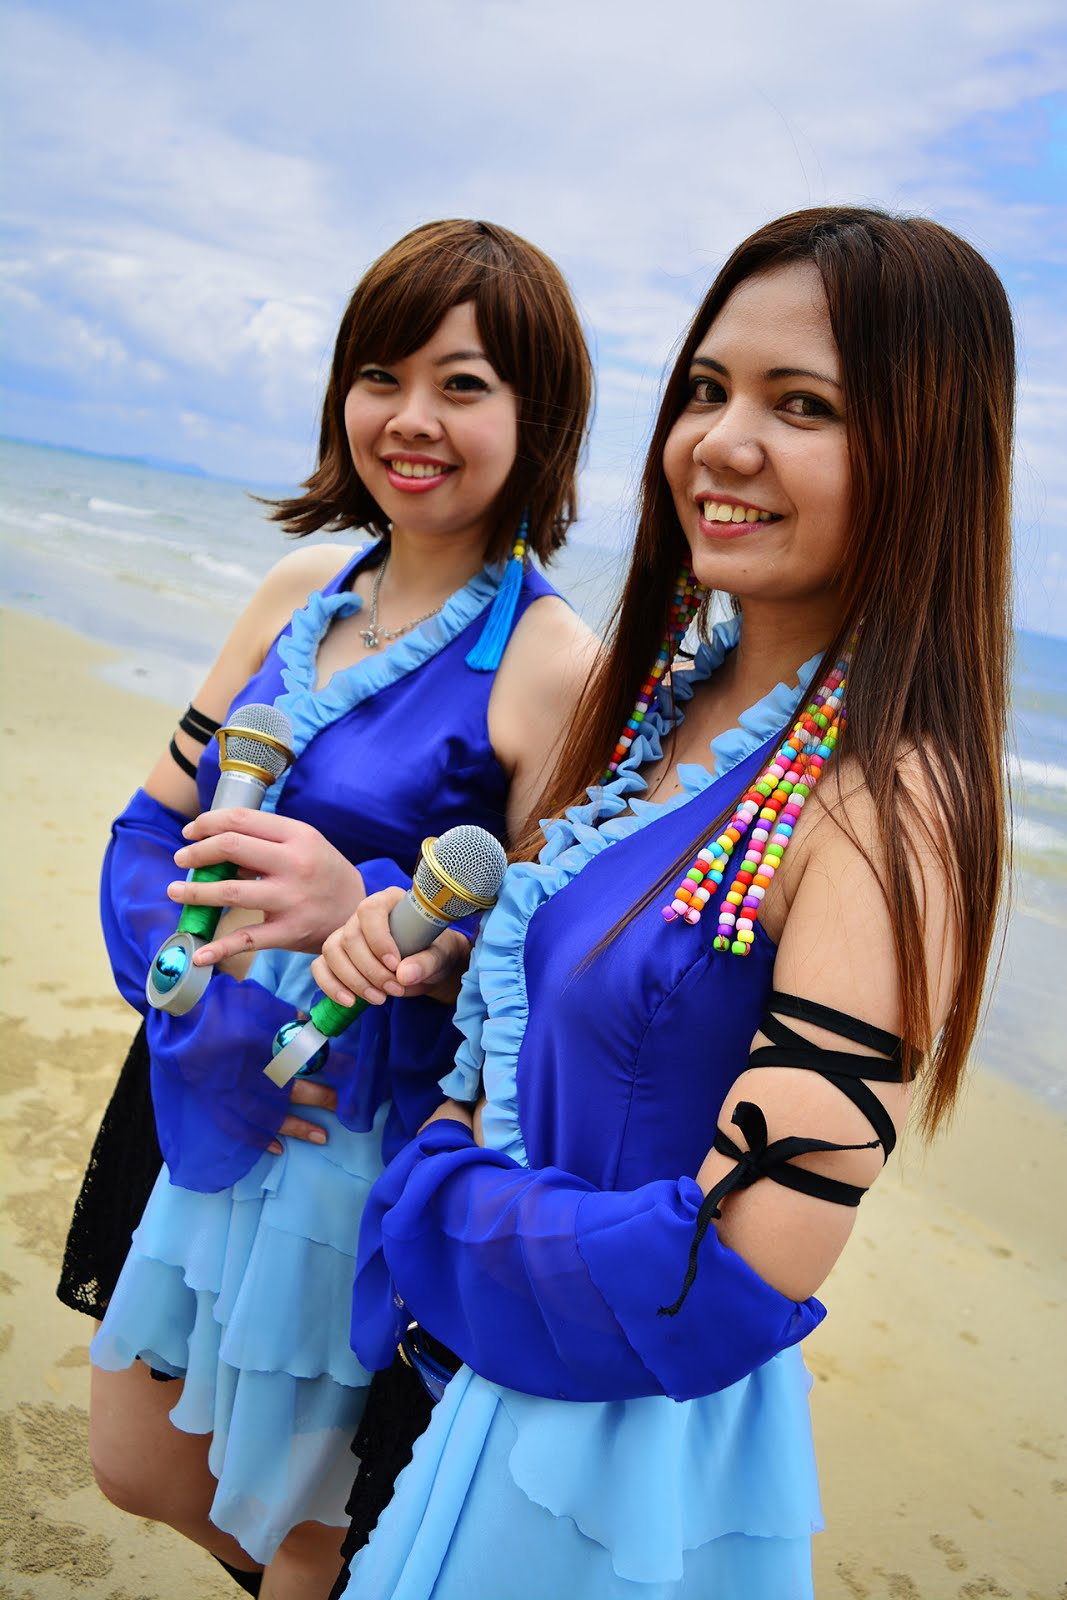 Yuna & Lenne - Final Fantasy X2